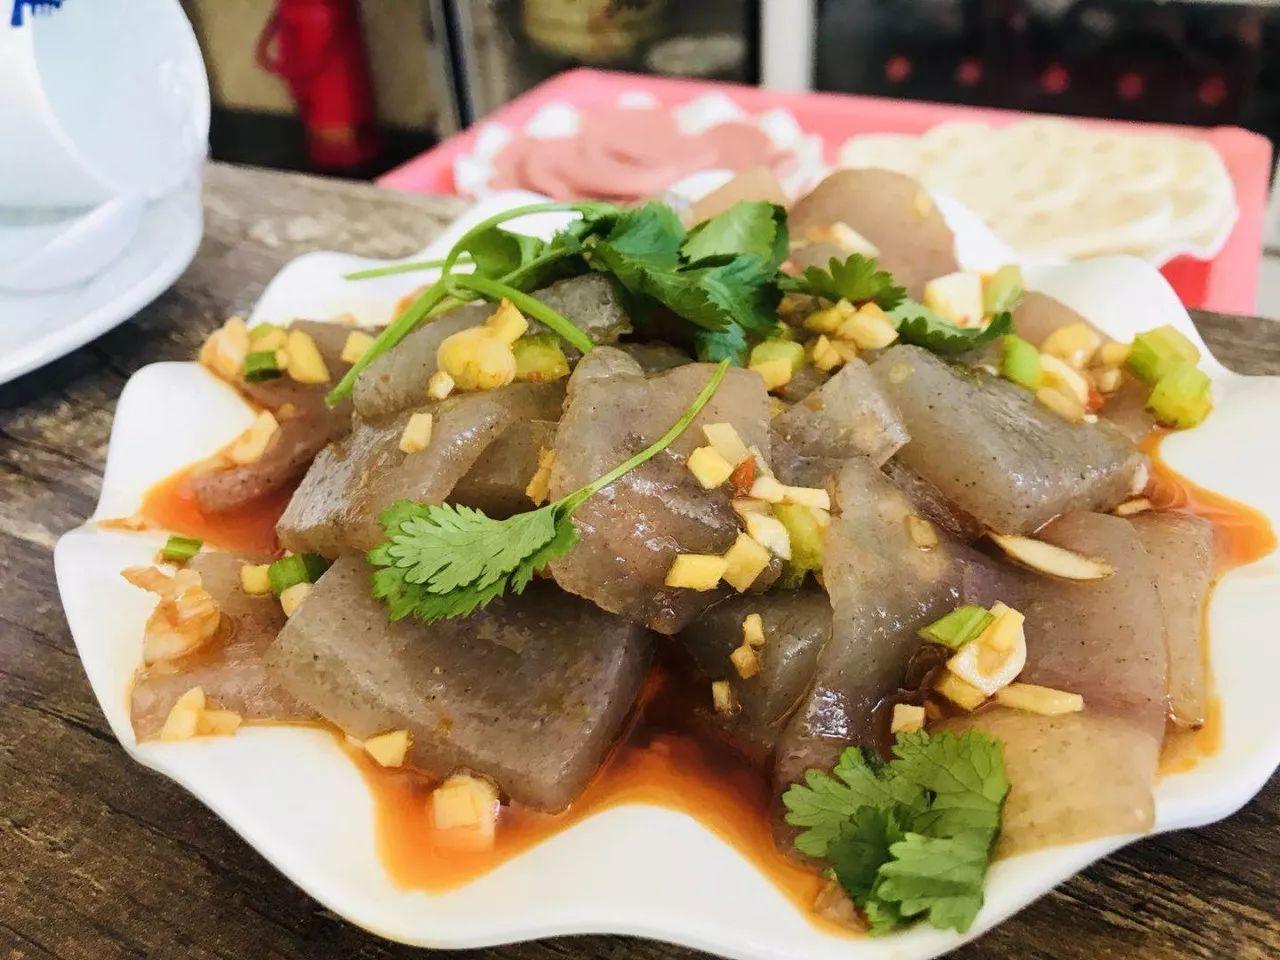 知名纸上烤鱼产品招商加盟-成都餐协餐饮管理... -商业服务品牌网